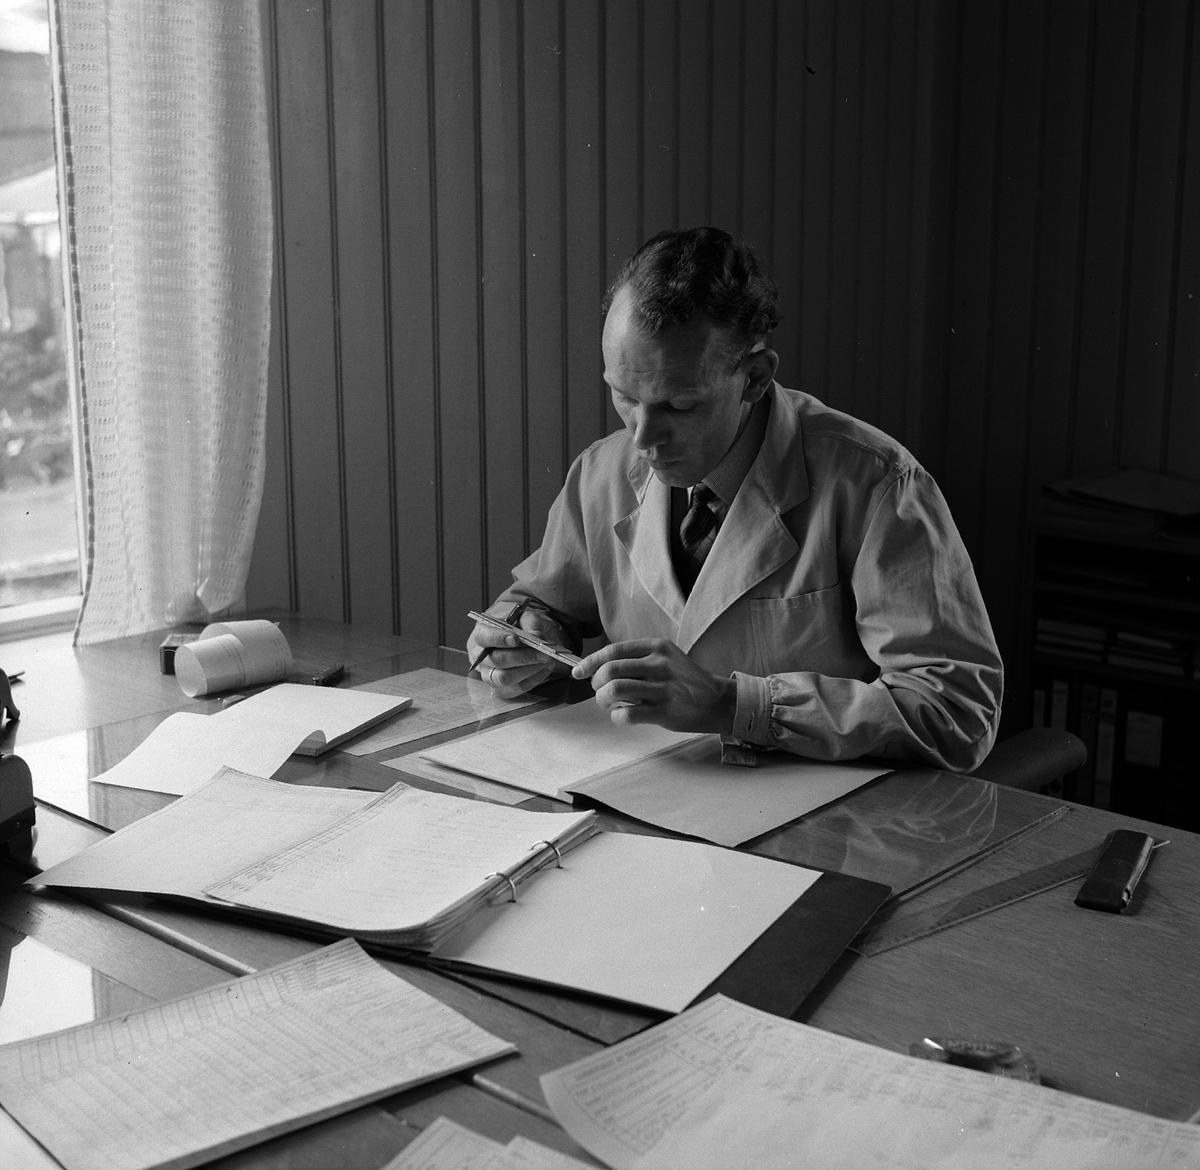 HAMAR JERNSTØPERI OG MEK. VERKSTED, HAM-JERN, THOMASSEN VED KONTORPULT, 1953.